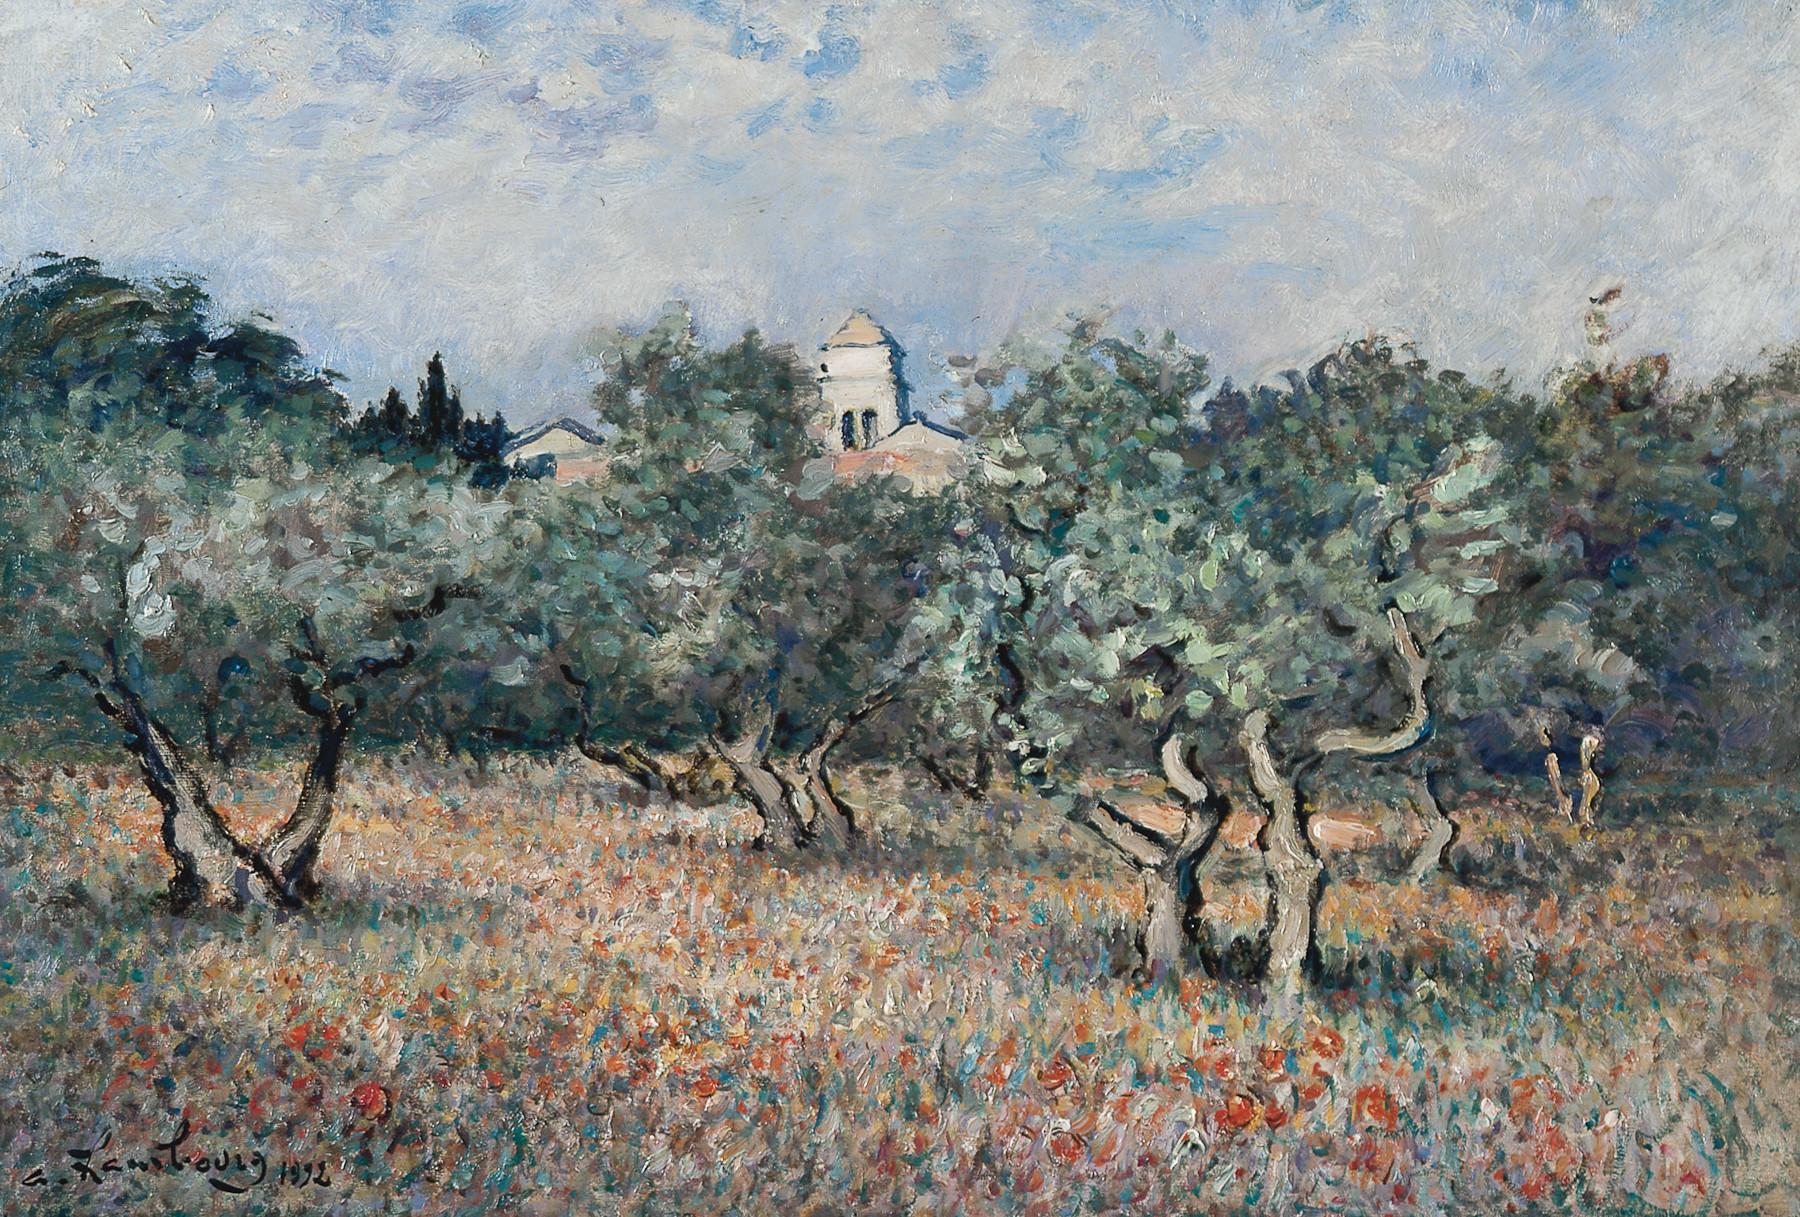 «Les oliviers, le matin au printemps, temps doux» 1992, 50cmx73cm, SR143